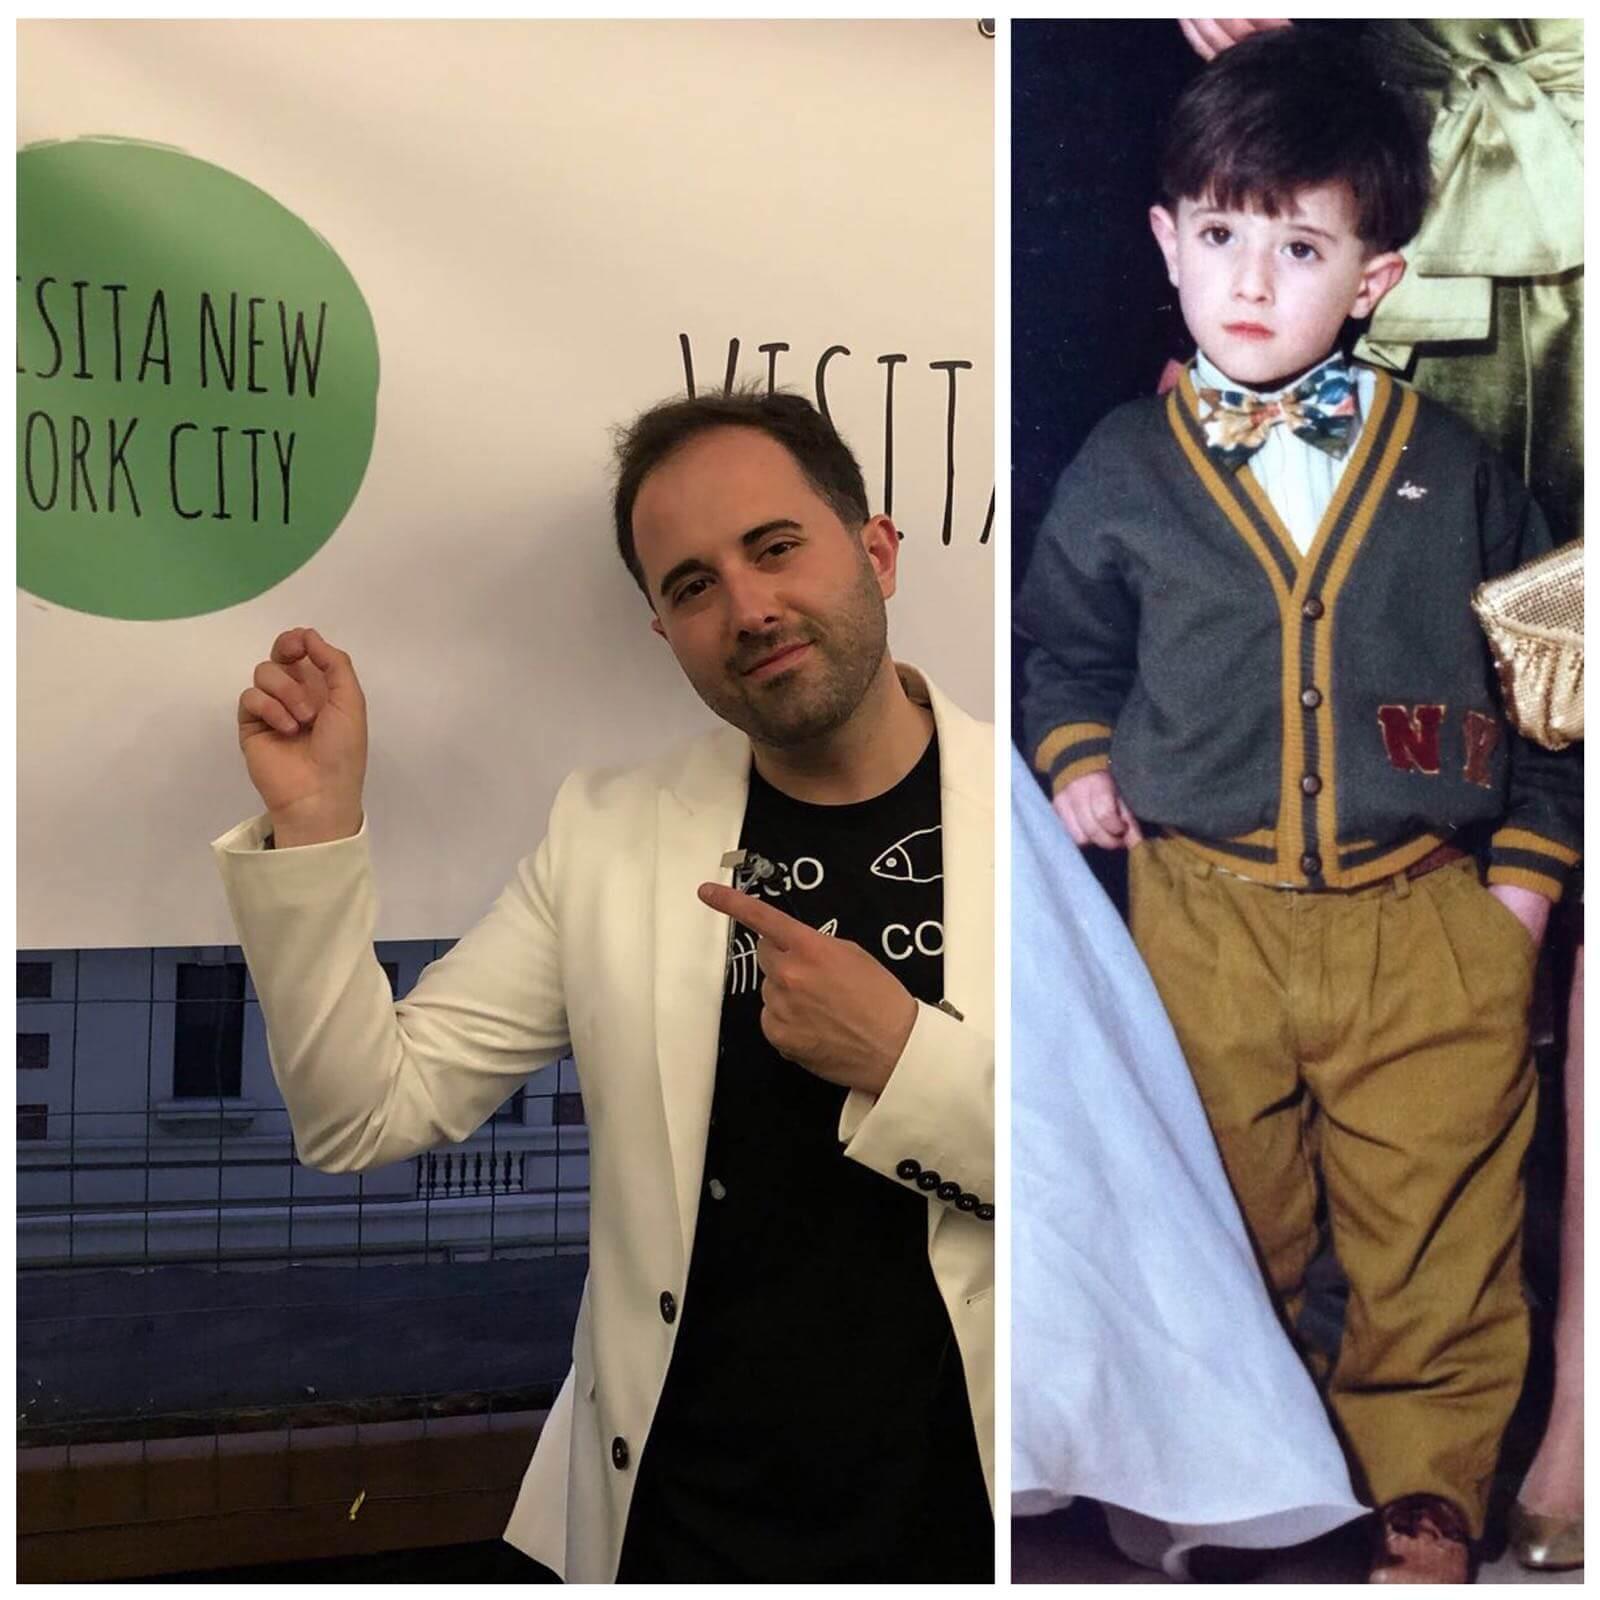 Visita New York City progetto della Start Up Italo-Americana  BRIDGE 41